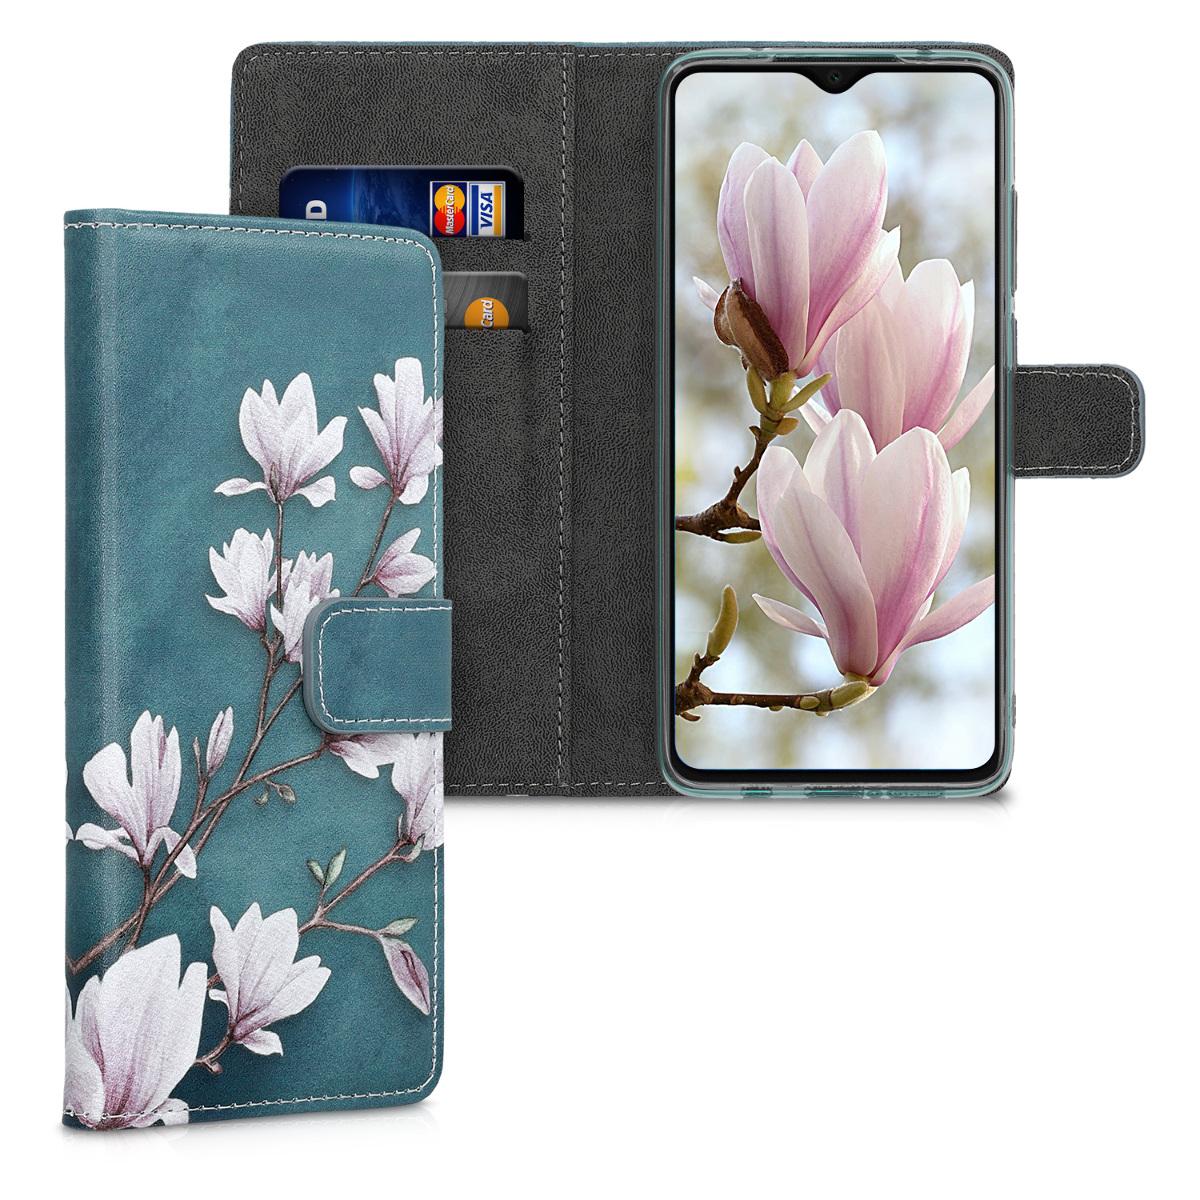 KW Θήκη - Πορτοφόλι Xiaomi Redmi Note 8 Pro - Magnolias - Taupe / White / Blue Grey (50253.02)